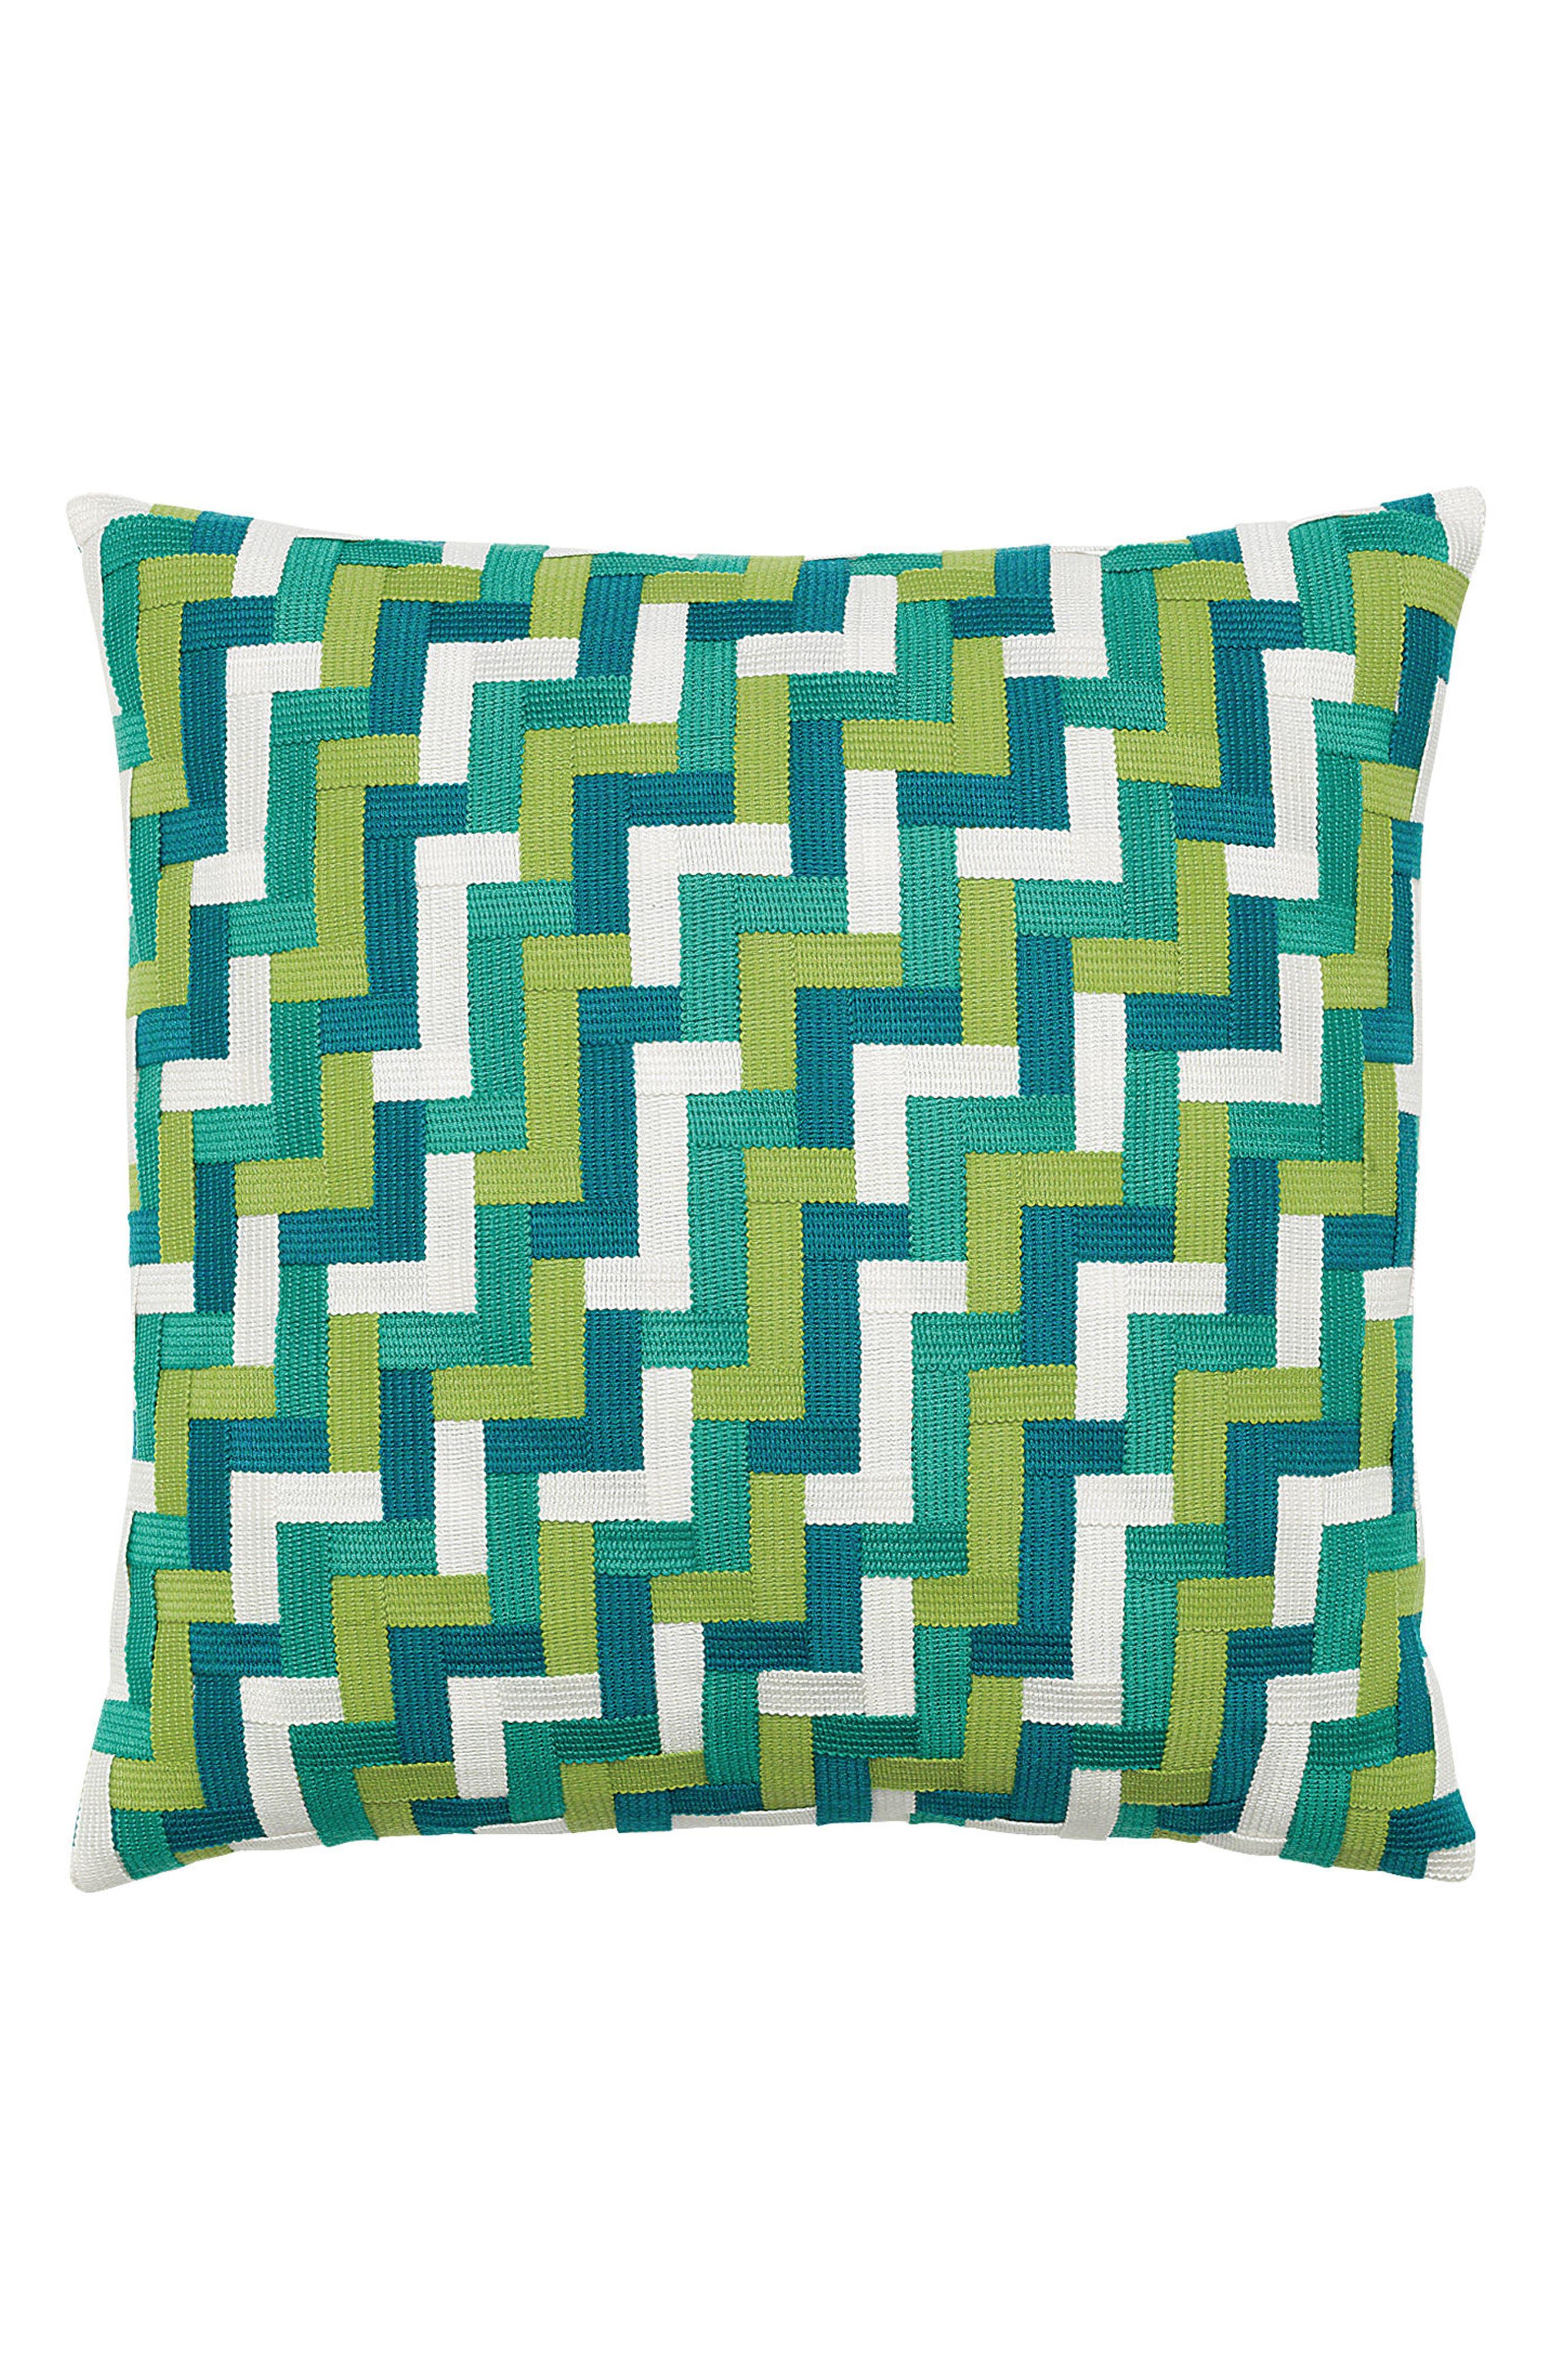 Elaine Smith Eden Basket Weave Indoor/Outdoor Accent Pillow